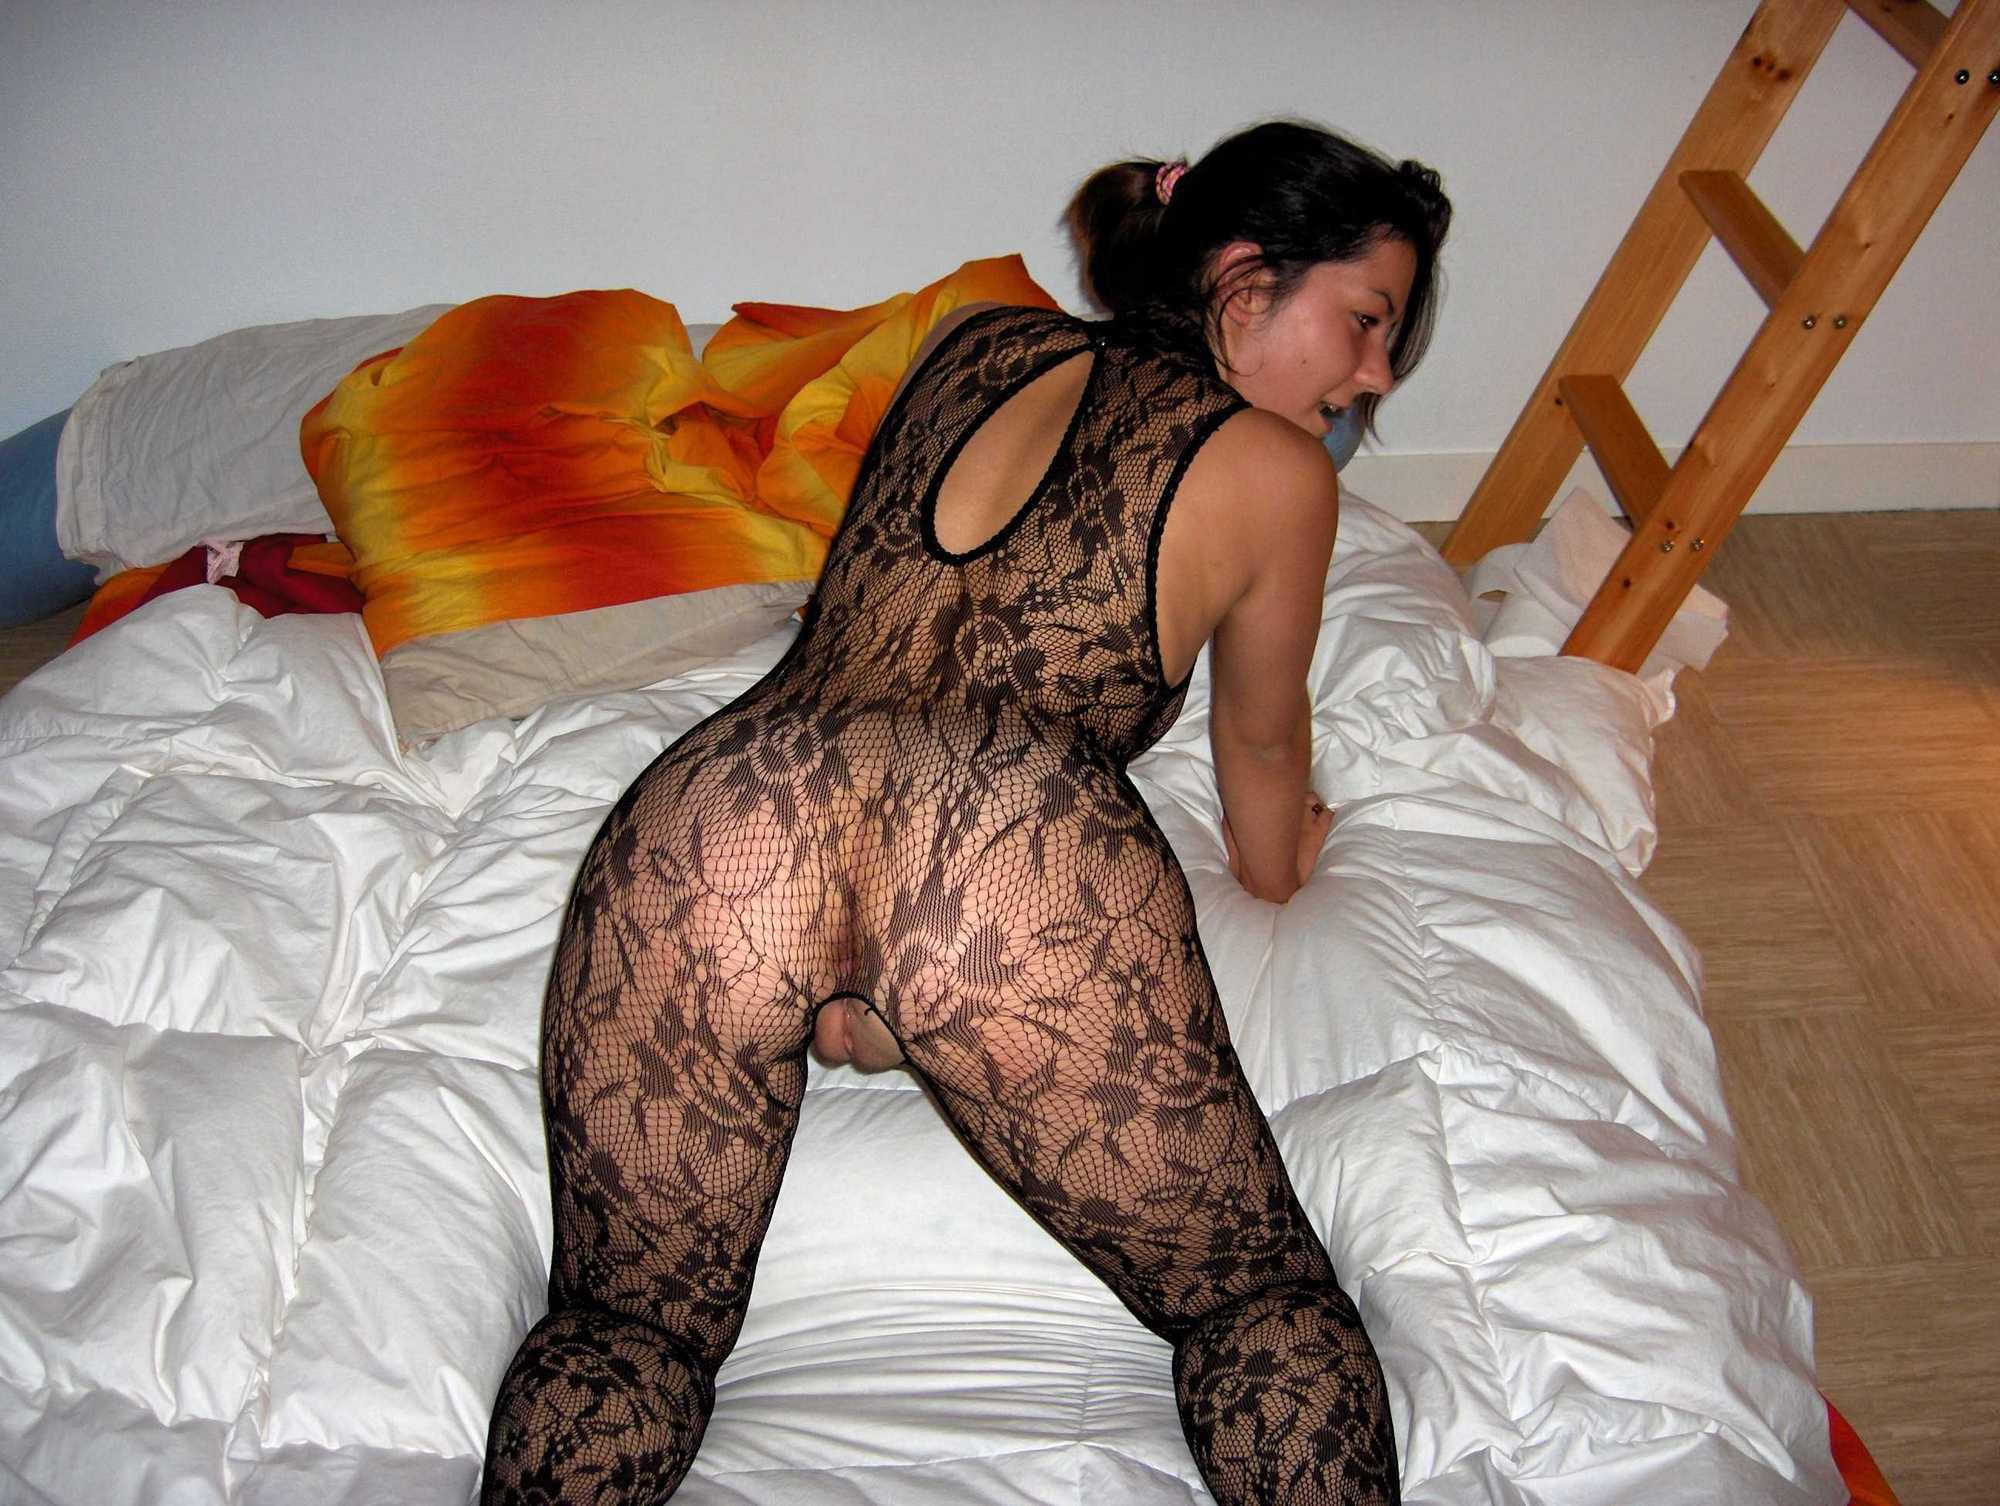 Полненькая сучка надела бодистокинг и легла на кровать